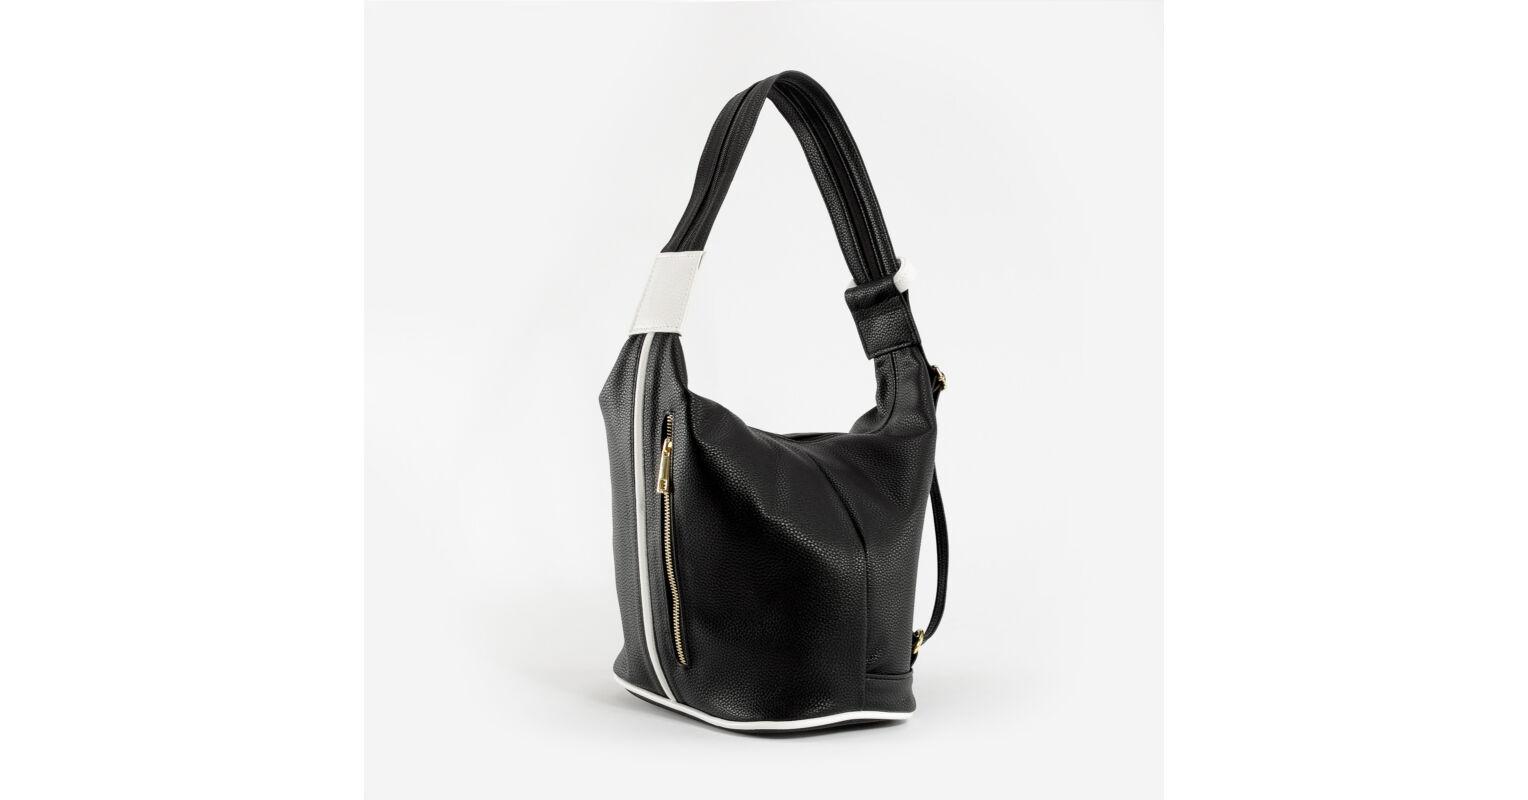 572c38e9f6c9 Prestige Fekete-Fehér Rostbőr Női Válltáska És Hátizsák - Válltáskák - Táska  webáruház - Minőségi táskák mindenkinek